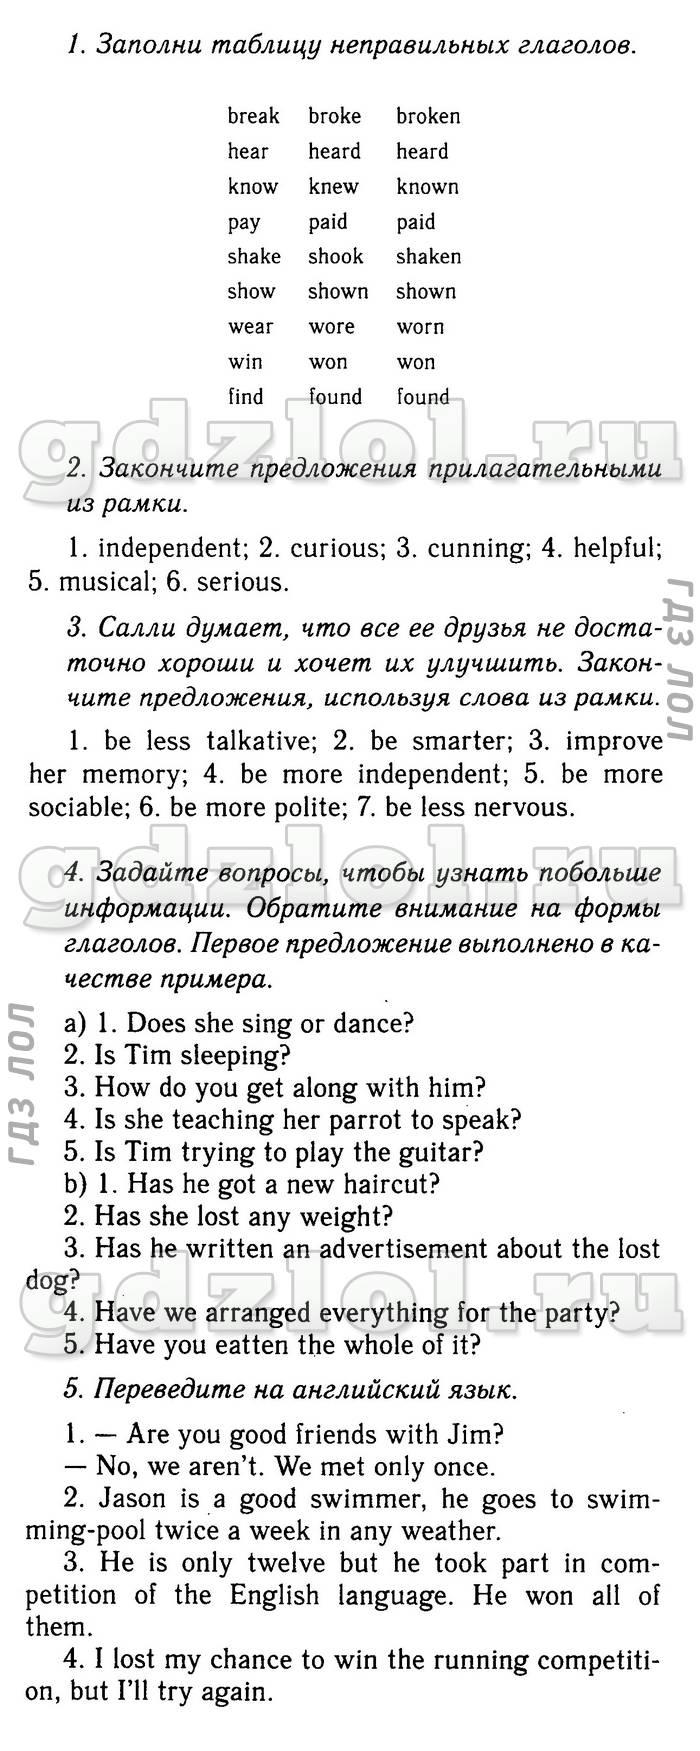 ГДЗ по английскому языку 3 класс Биболетова (рабочая тетрадь)